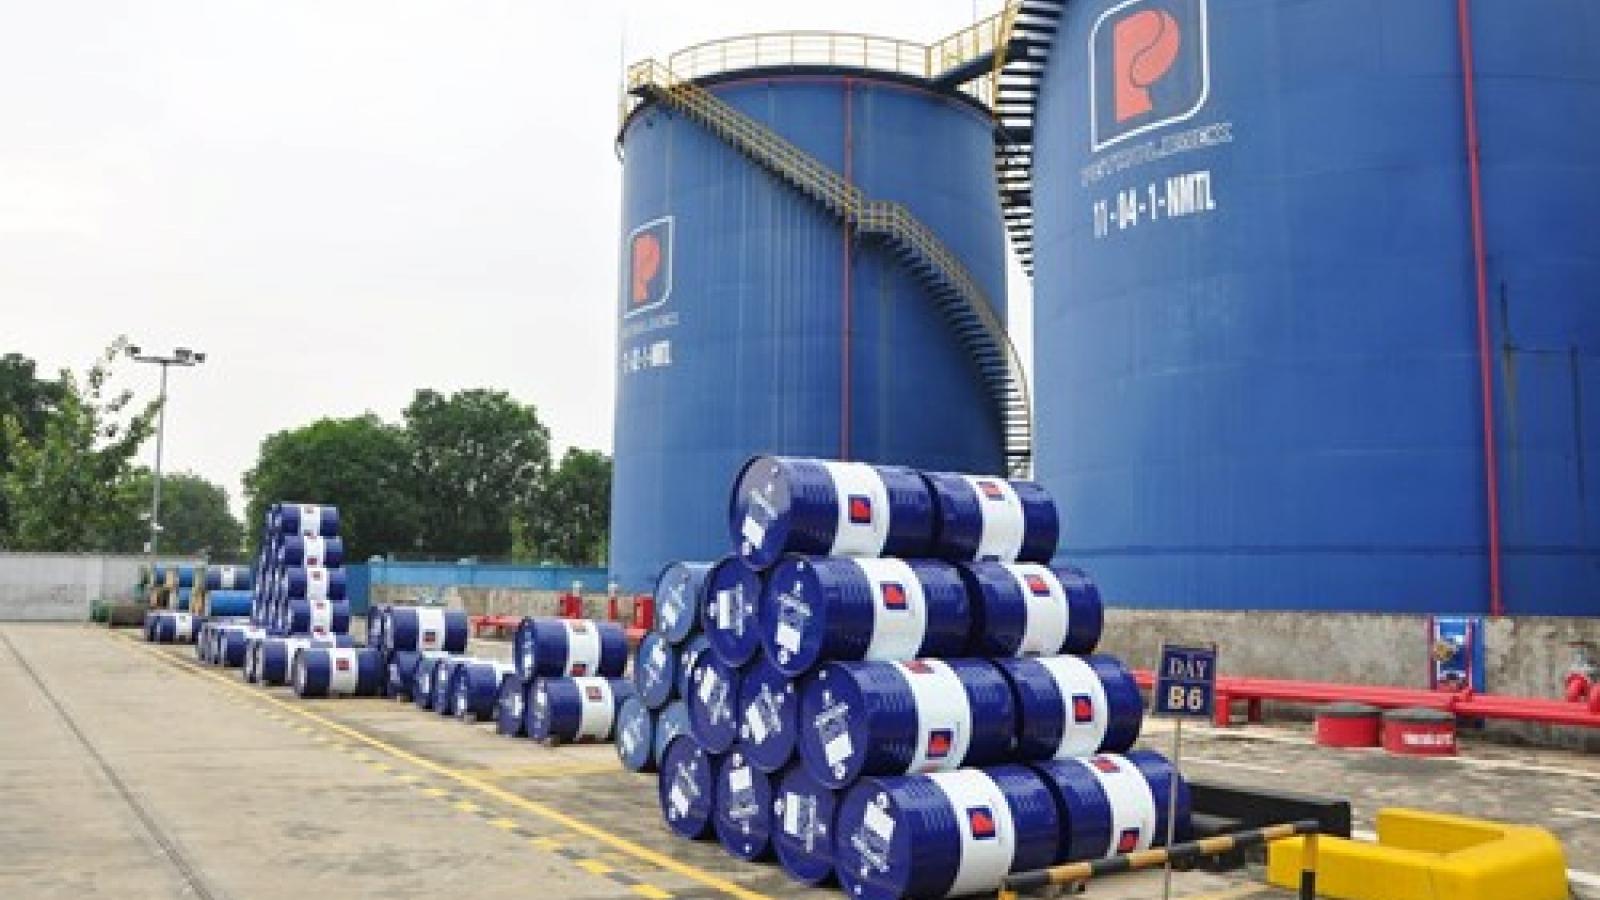 Giá xăng, dầu sẽ được điều chỉnh giảm mạnh?